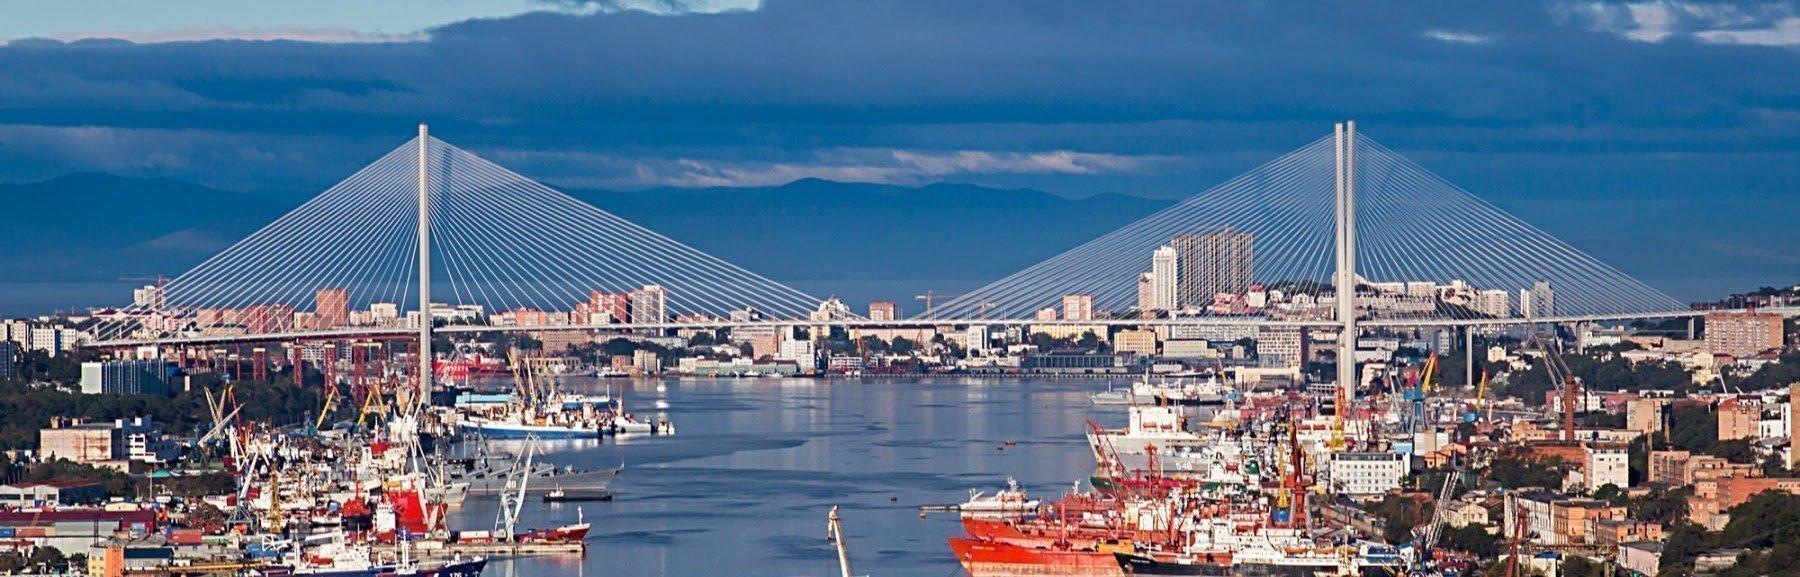 Морской круиз в России, Владивосток